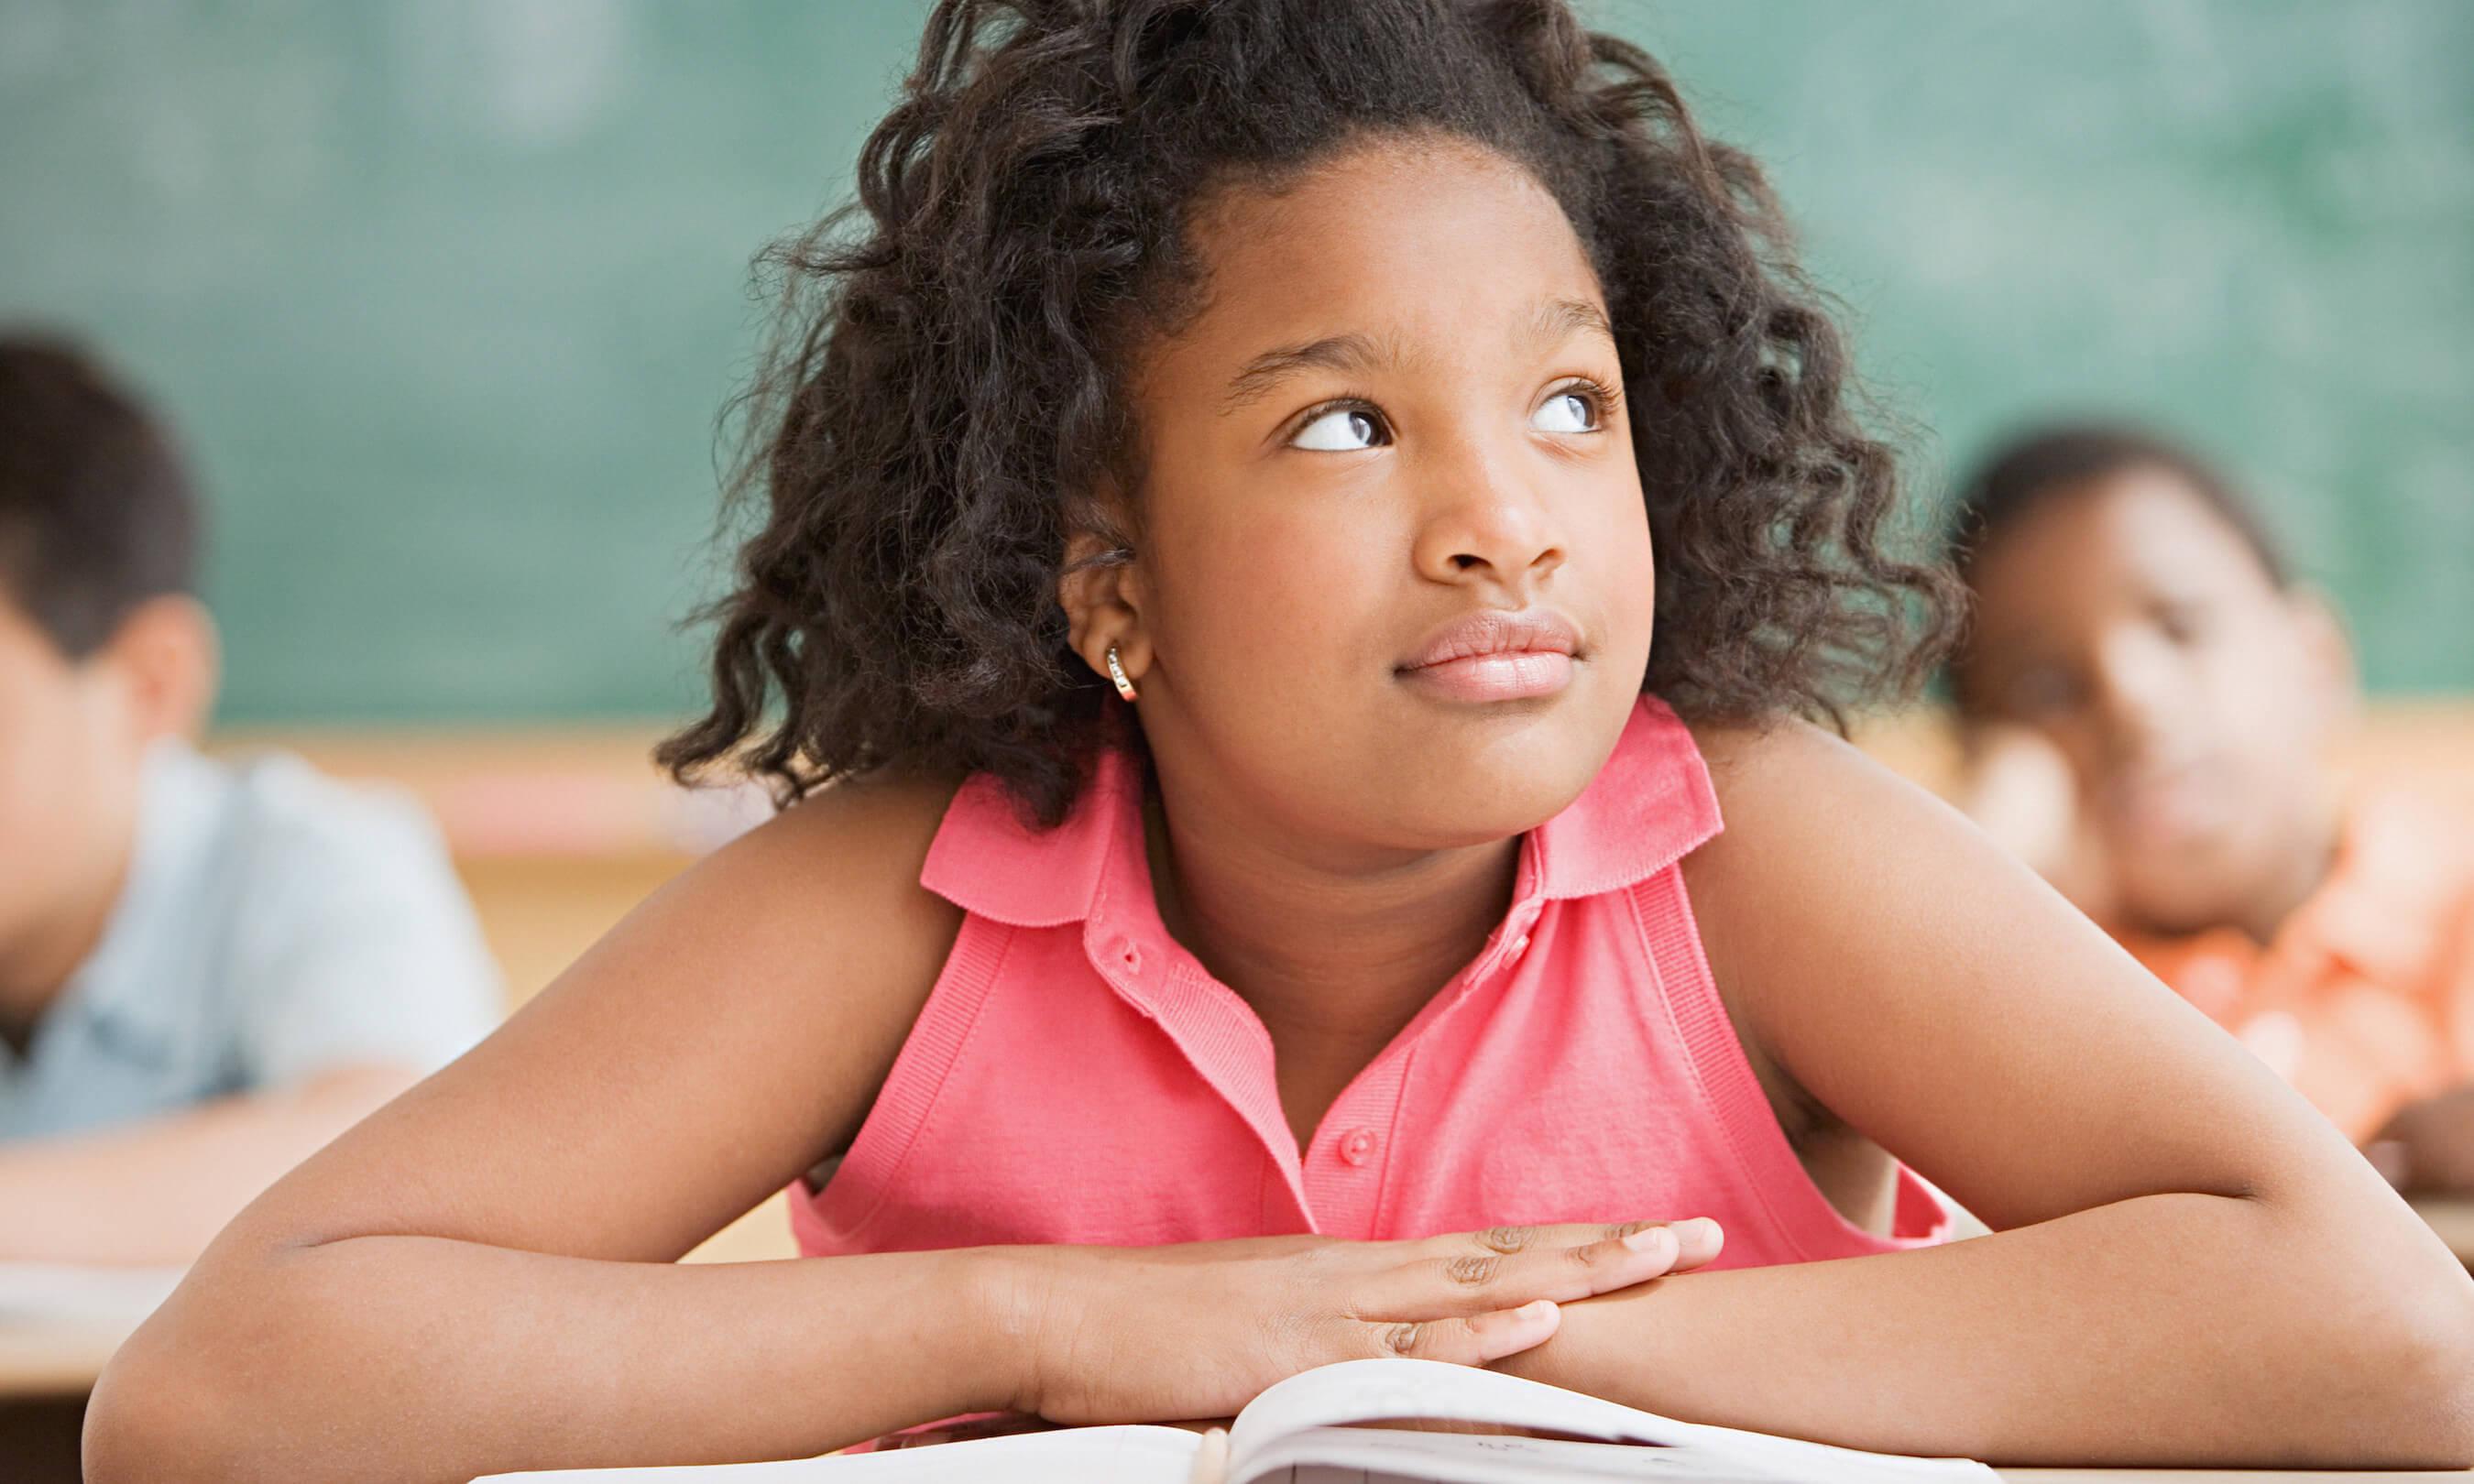 Schoolgirl daydreaming in classroom